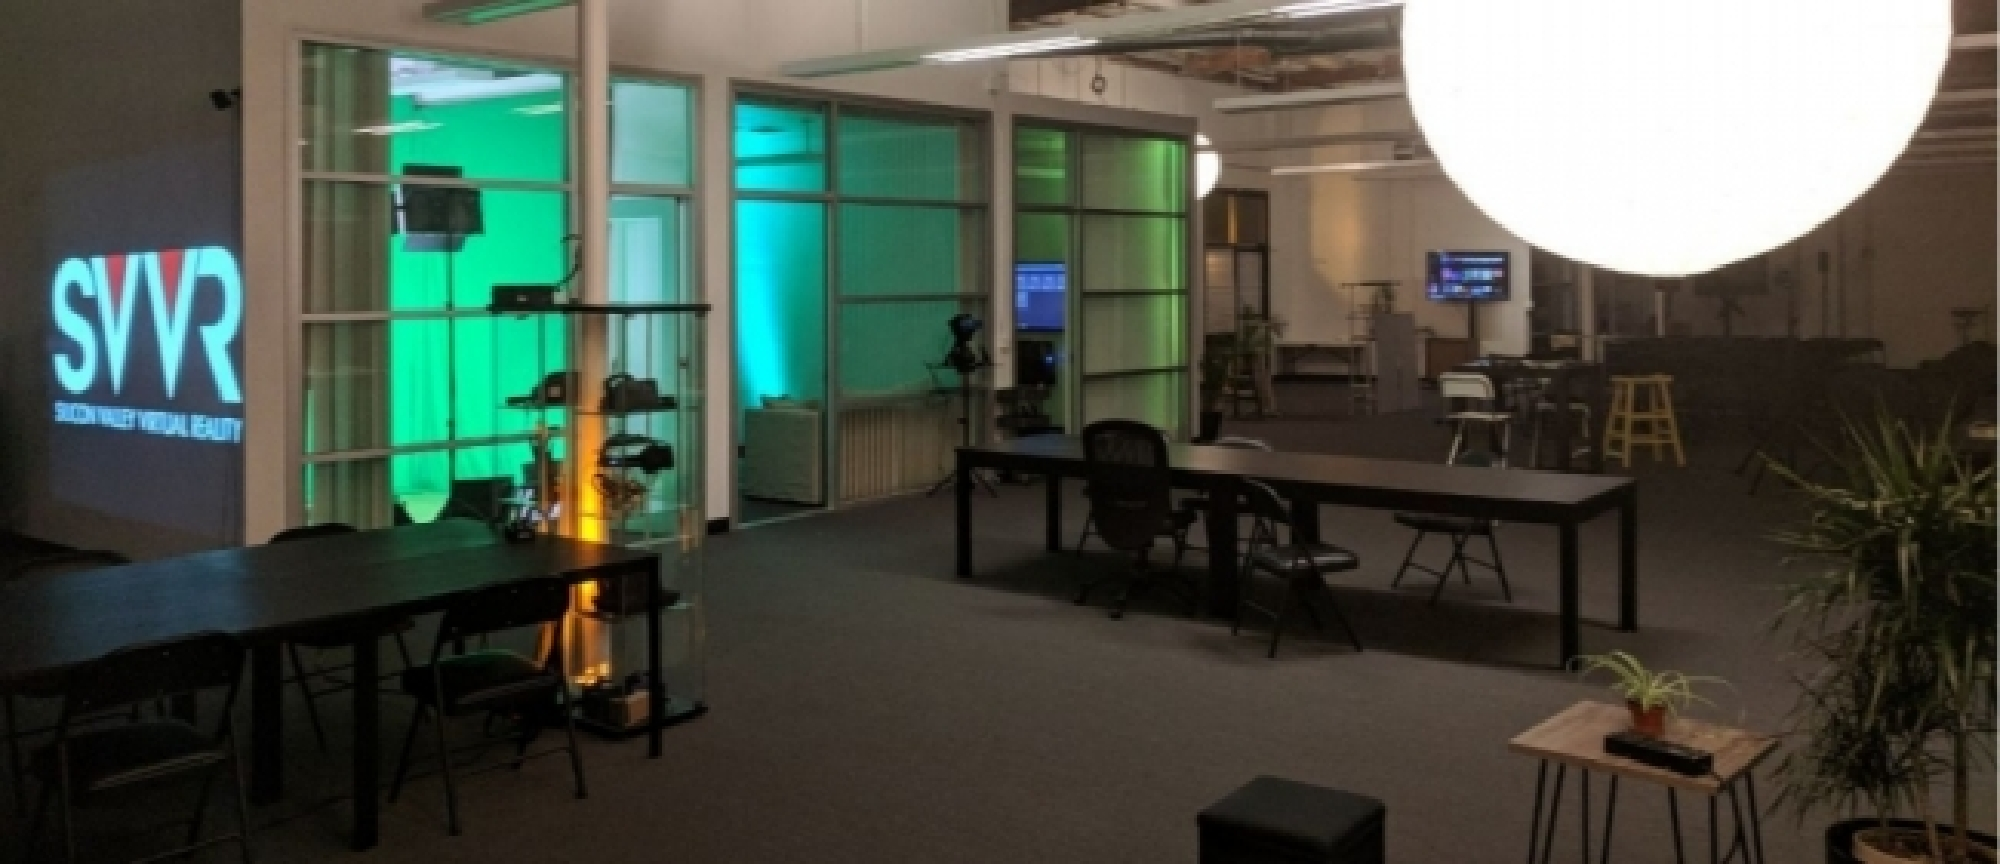 シリコンバレーに拠点を置く全米最大規模のVRコミュニティ「SVVR」の正式メンバーとして加盟